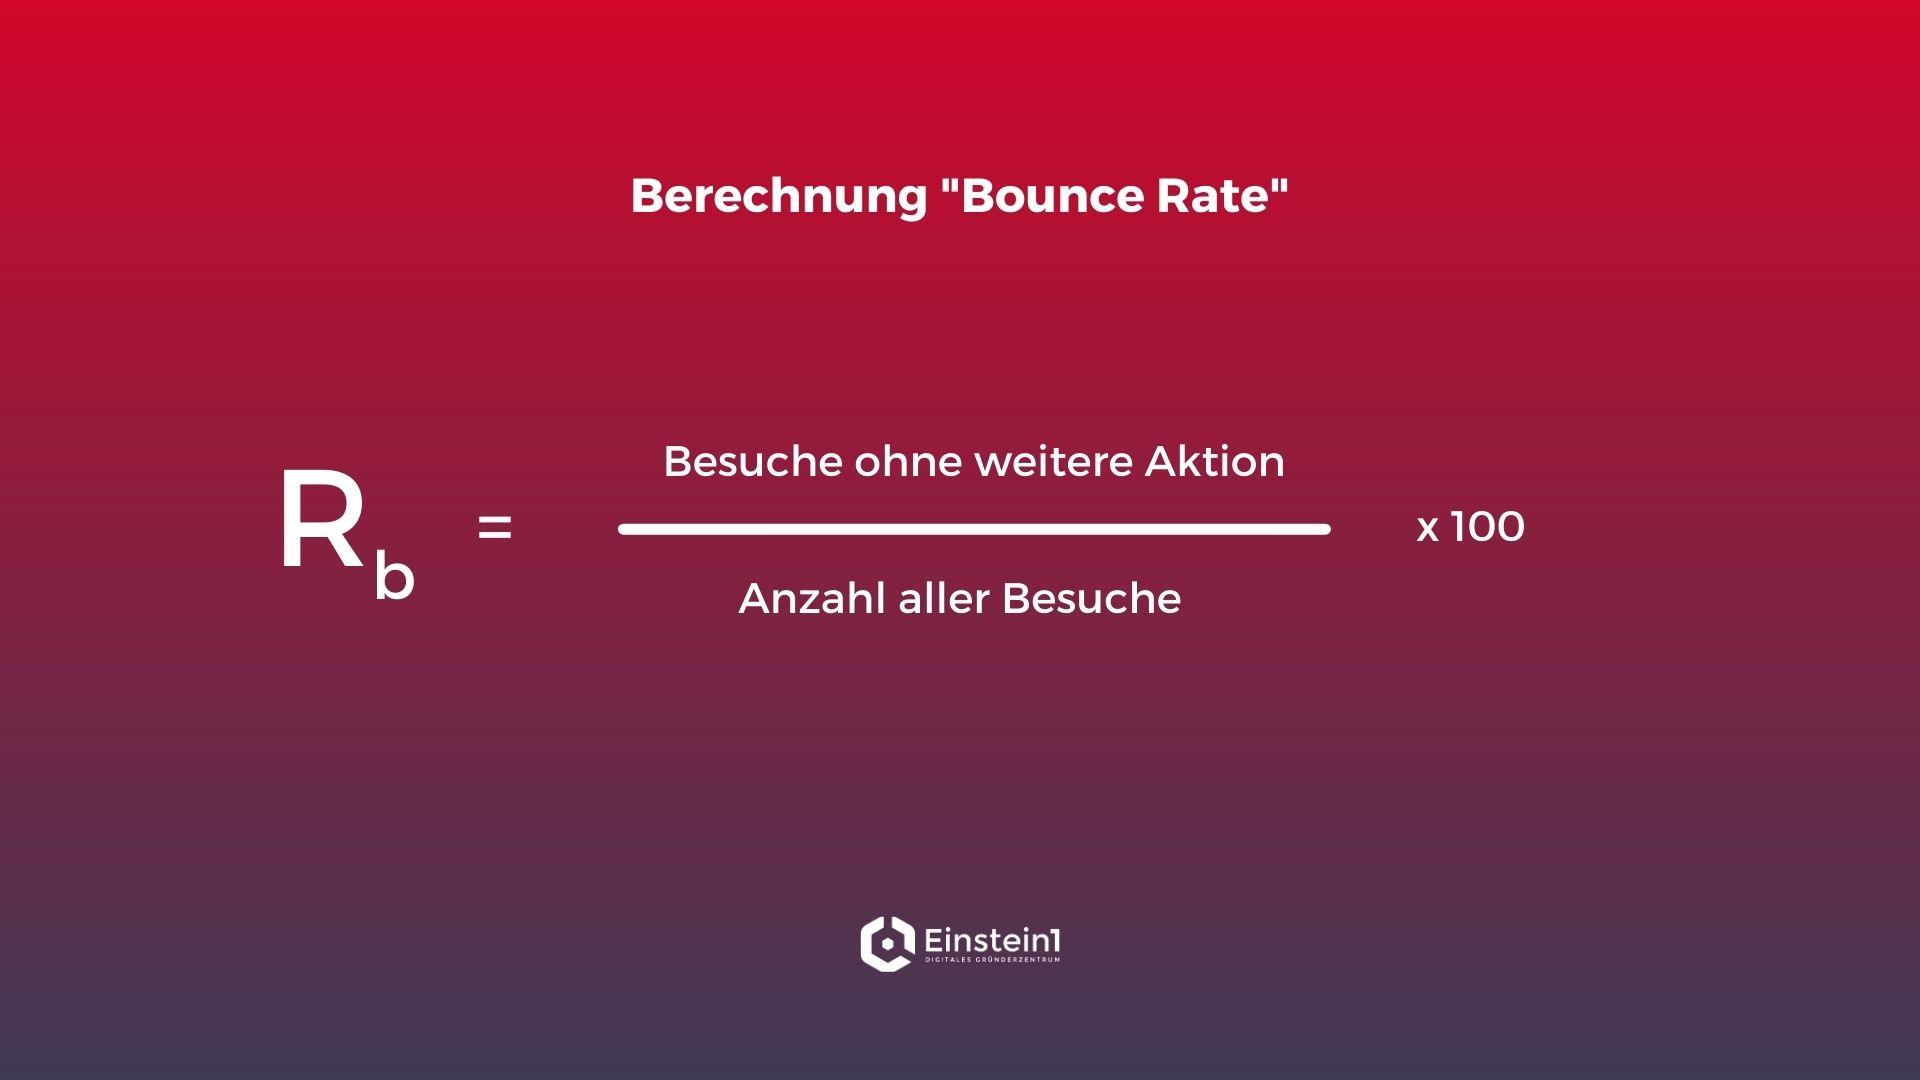 kennzahlen-online-marketing-bounce-rate-einstein1